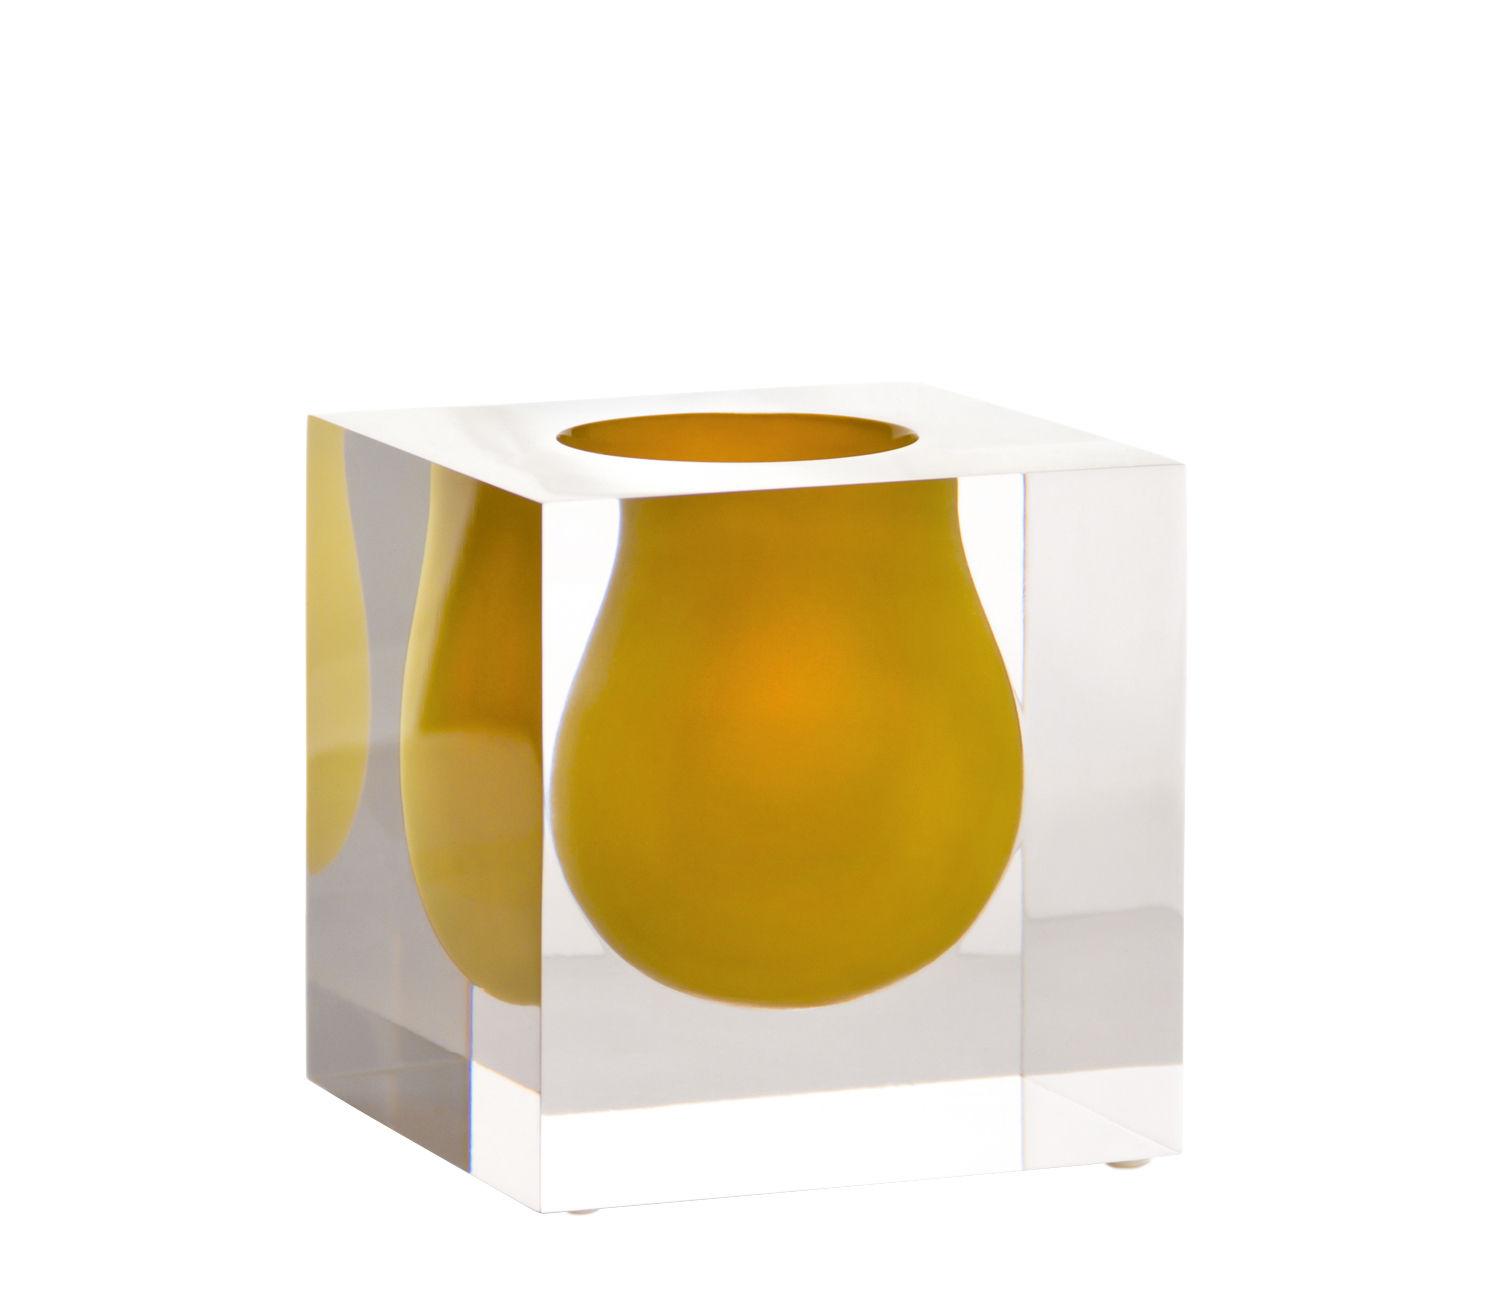 Déco - Vases - Vase Bel Air Mini Scoop / Acrylique - Carré L 10 cm - Jonathan Adler - Orange / Transparent - Acrylique